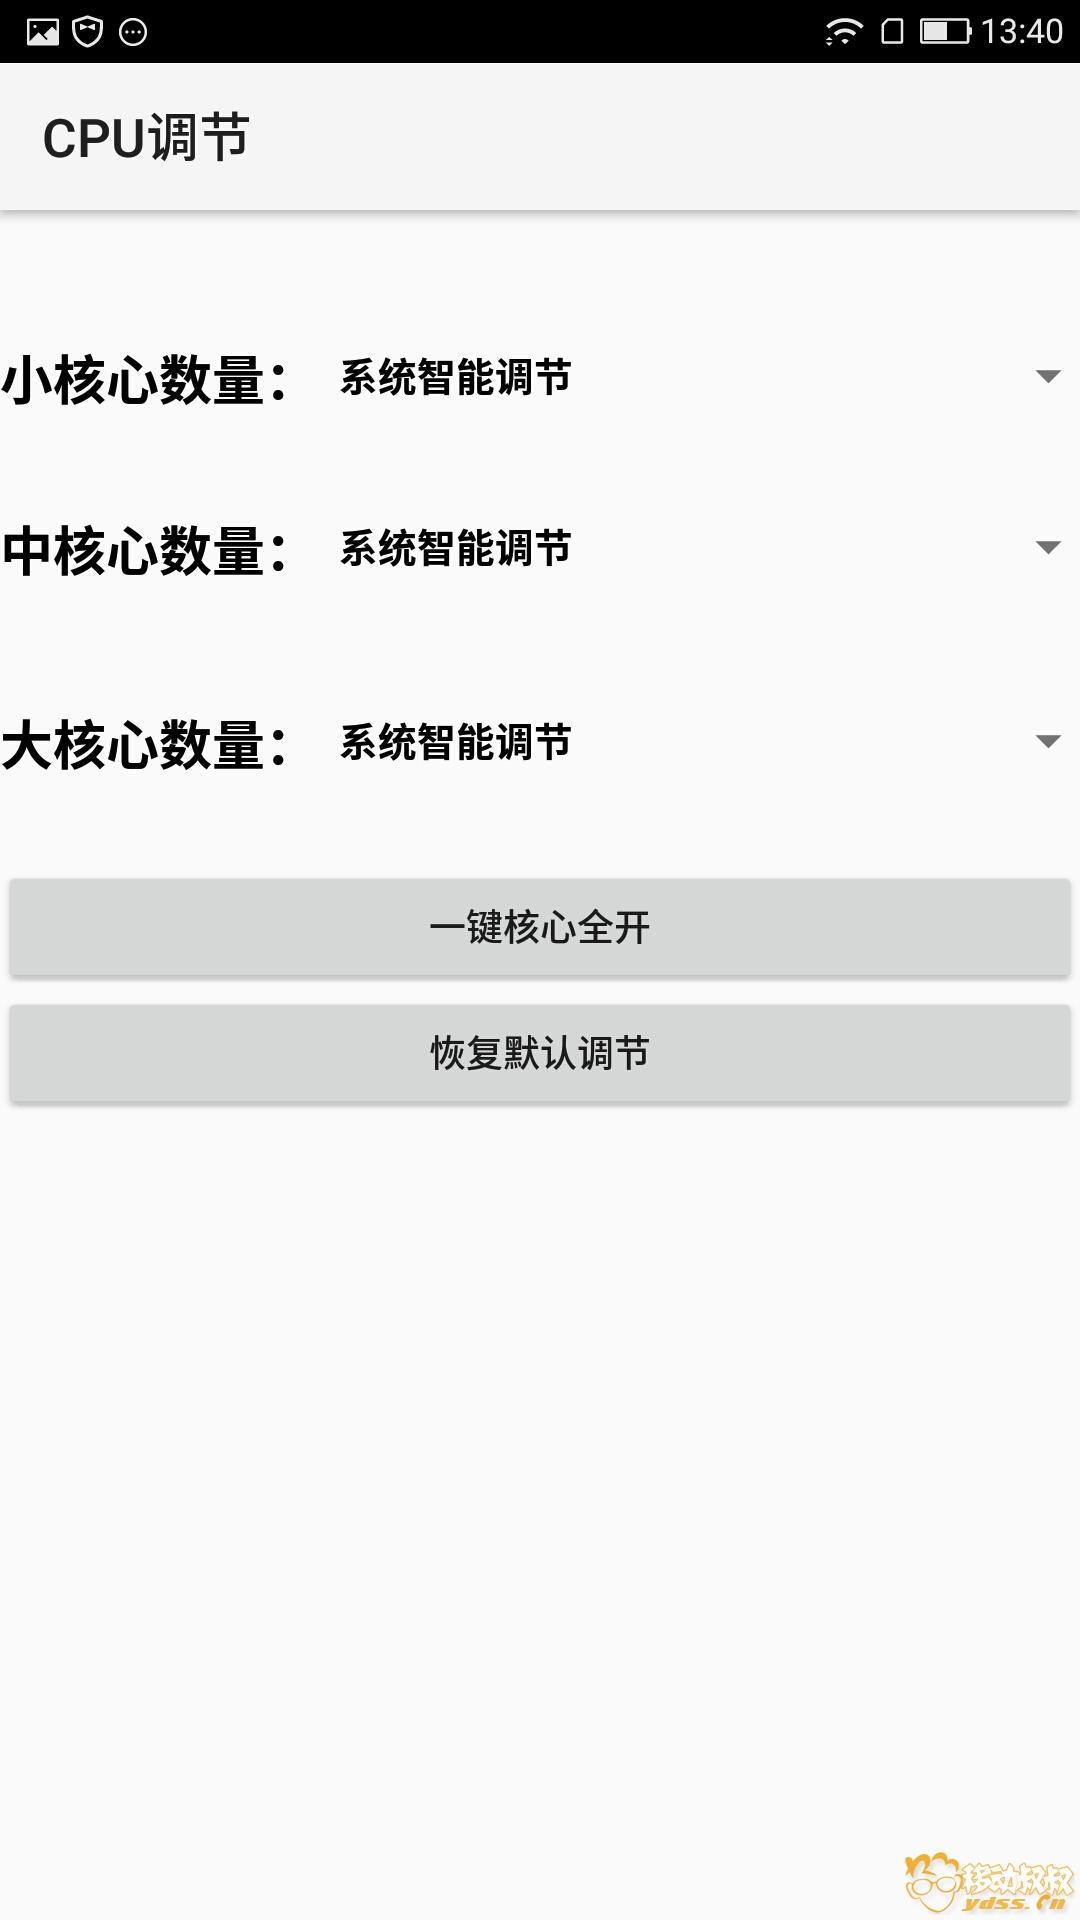 Screenshot_20180410-134040.jpg